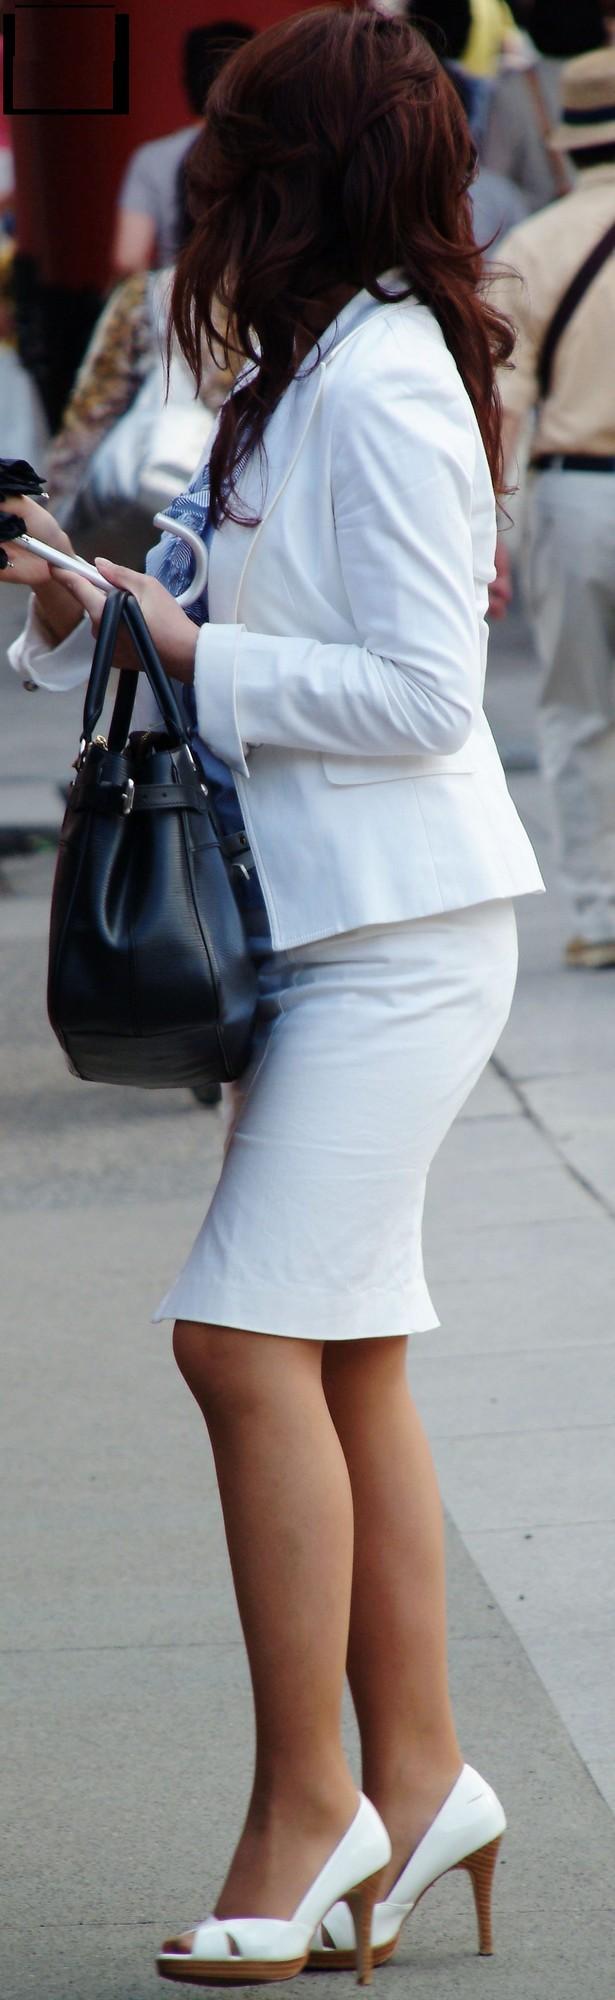 OLのスーツ・制服に萌えるスレPart23(チョンOK) [転載禁止]©bbspink.comYouTube動画>24本 ->画像>2641枚